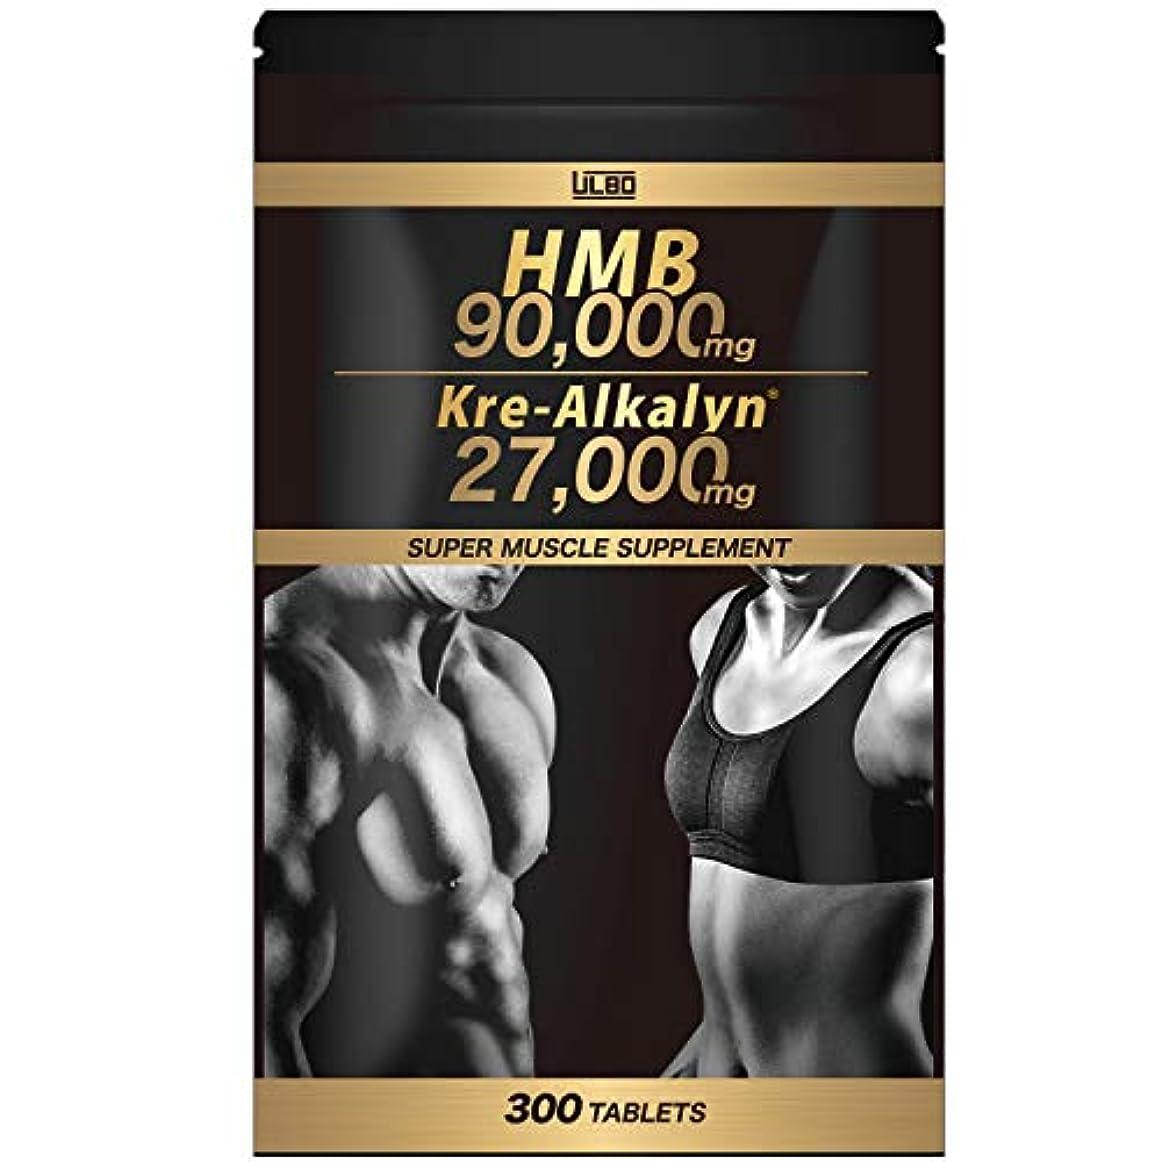 シロクマつま先トラップULBO HMB 吸収効率3.3倍 高純度クレアチン サプリメント 1袋HMB90,000mg配合